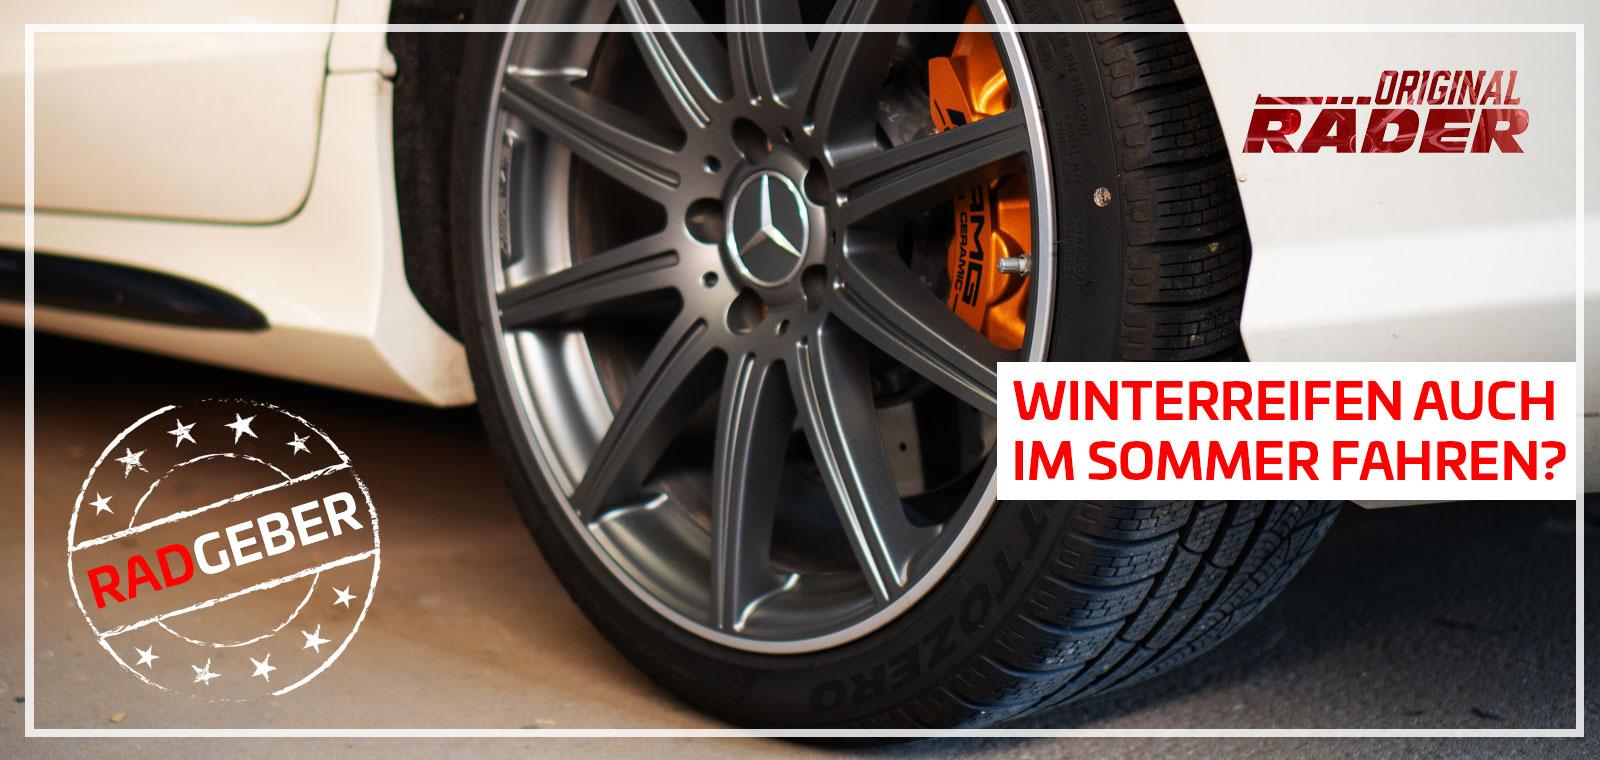 Winterreifen / Winterräder auch im Sommer fahren? Keine gute Idee! - Titelbild